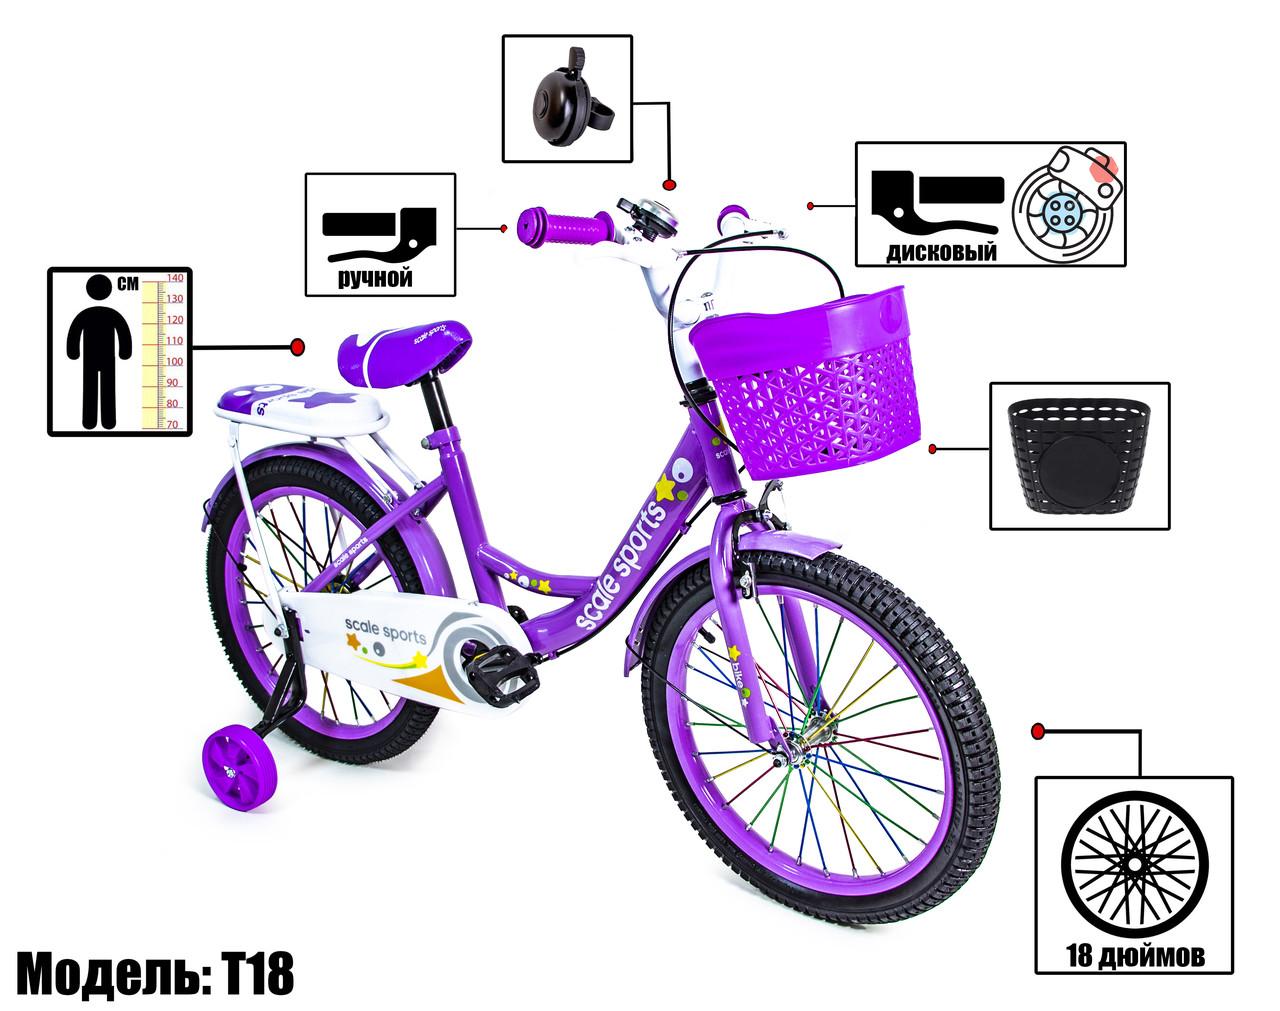 Велосипед T18 фиолетовый 18 дюймов